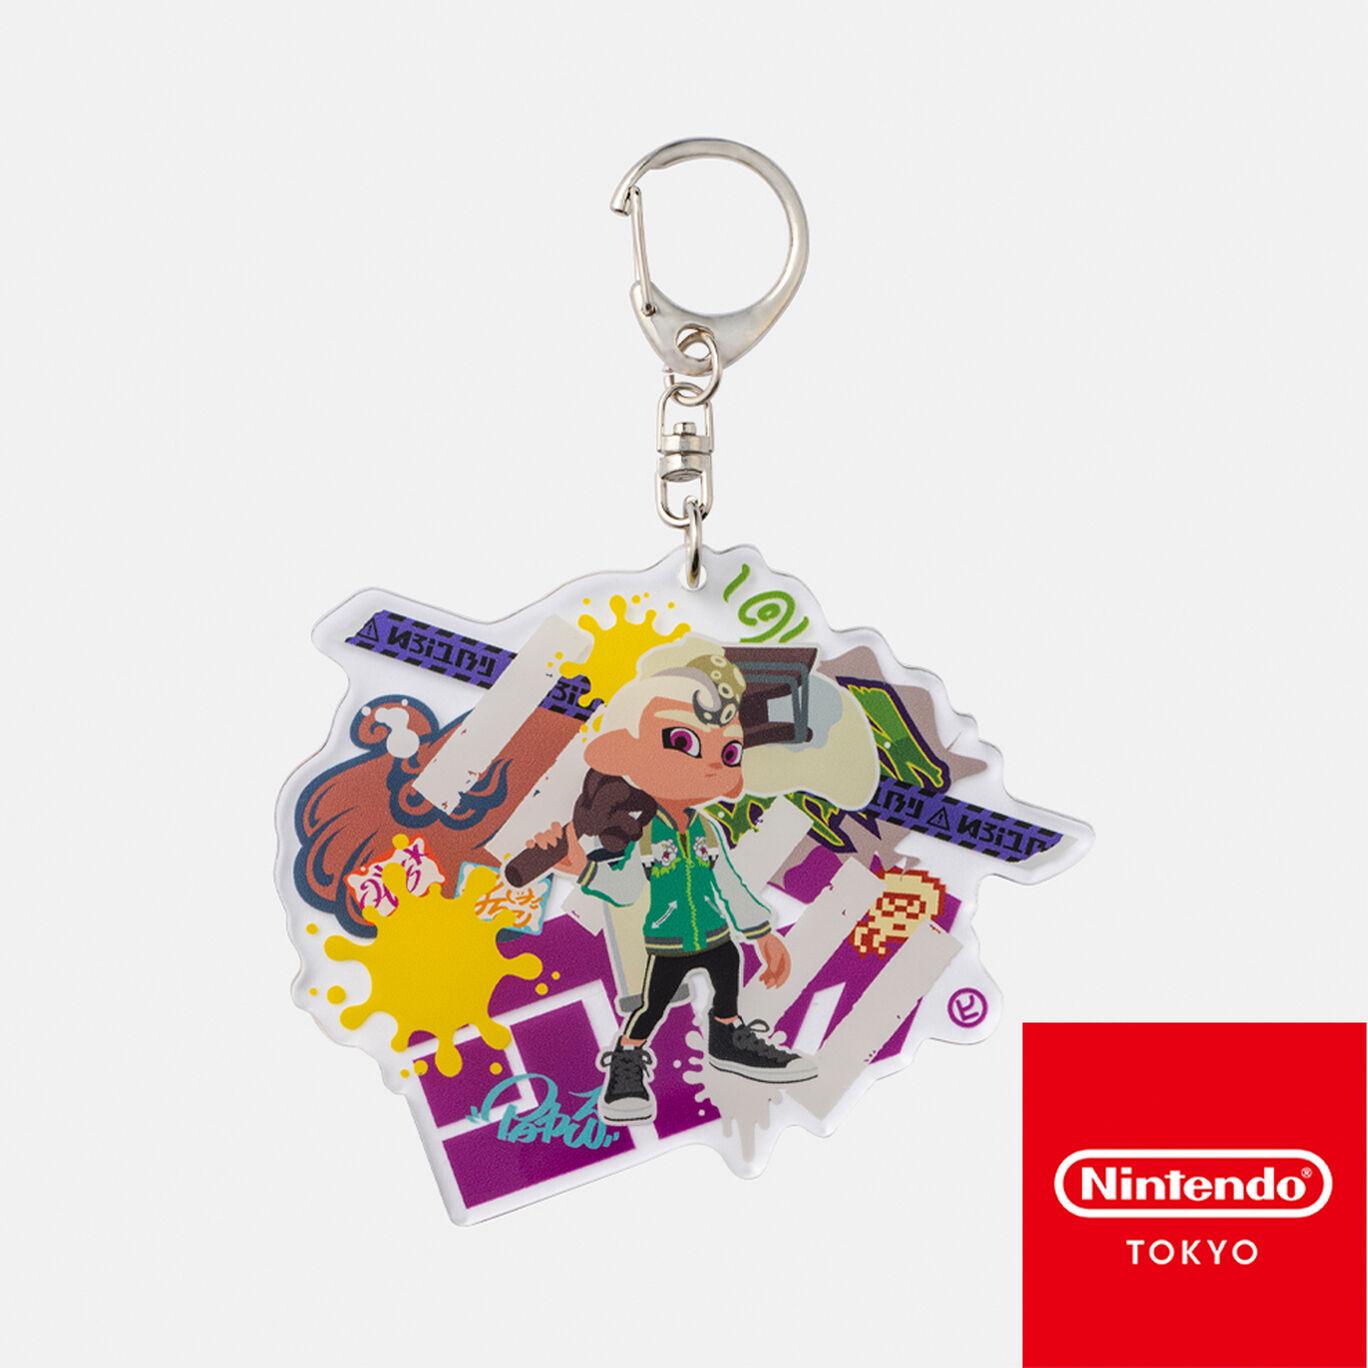 ビッグアクリルキーホルダー CROSSING SPLATOON D【Nintendo TOKYO取り扱い商品】